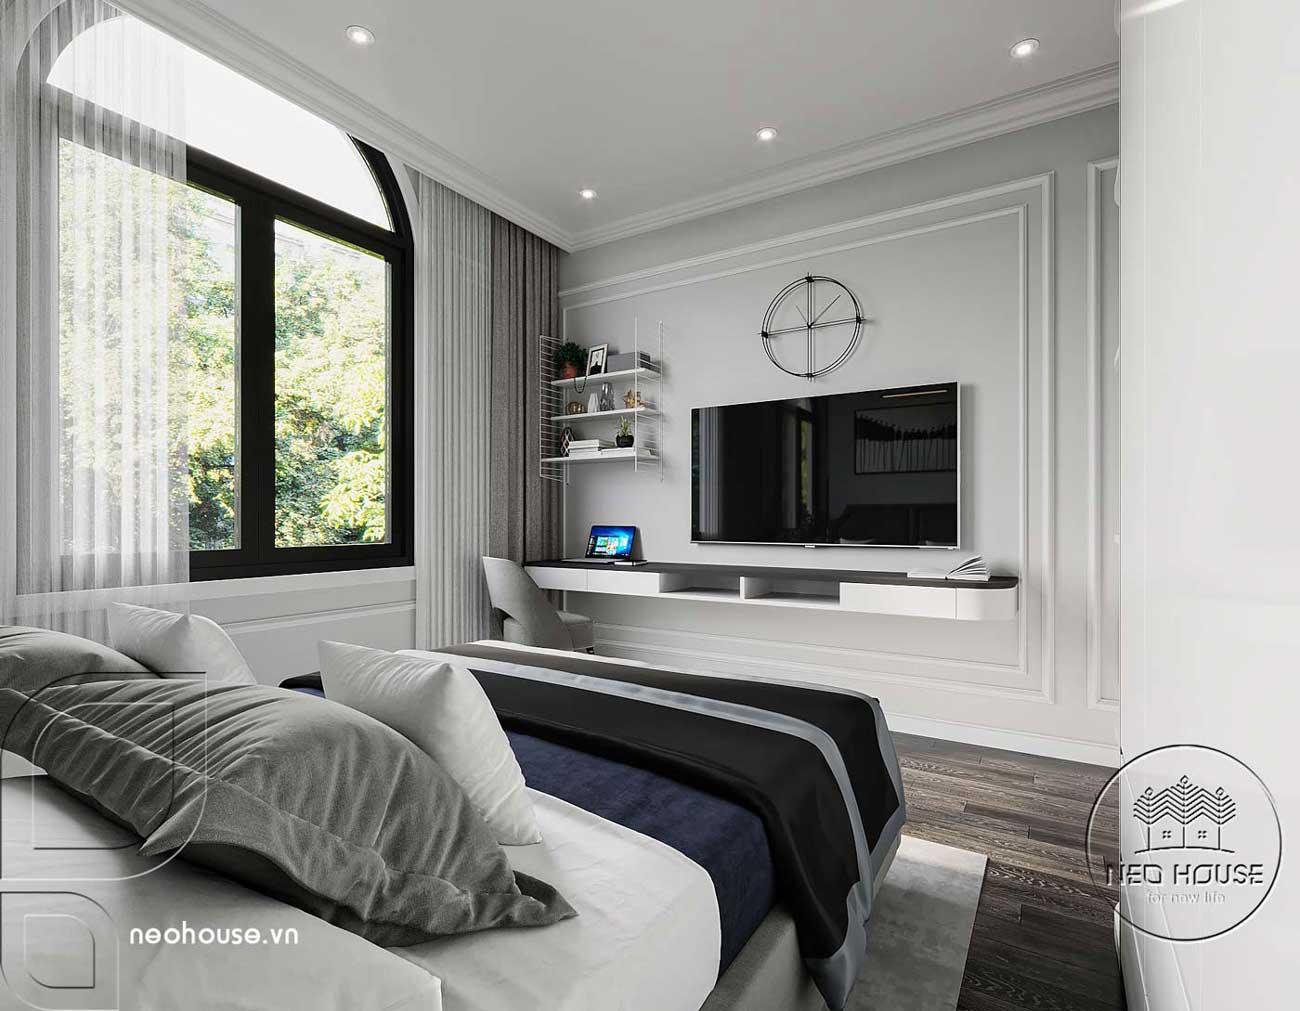 Phối cảnh thiết kế nội thất biệt thự tân cổ điển đẹp 4 tầng cho phòng ngủ 02. Ảnh 3